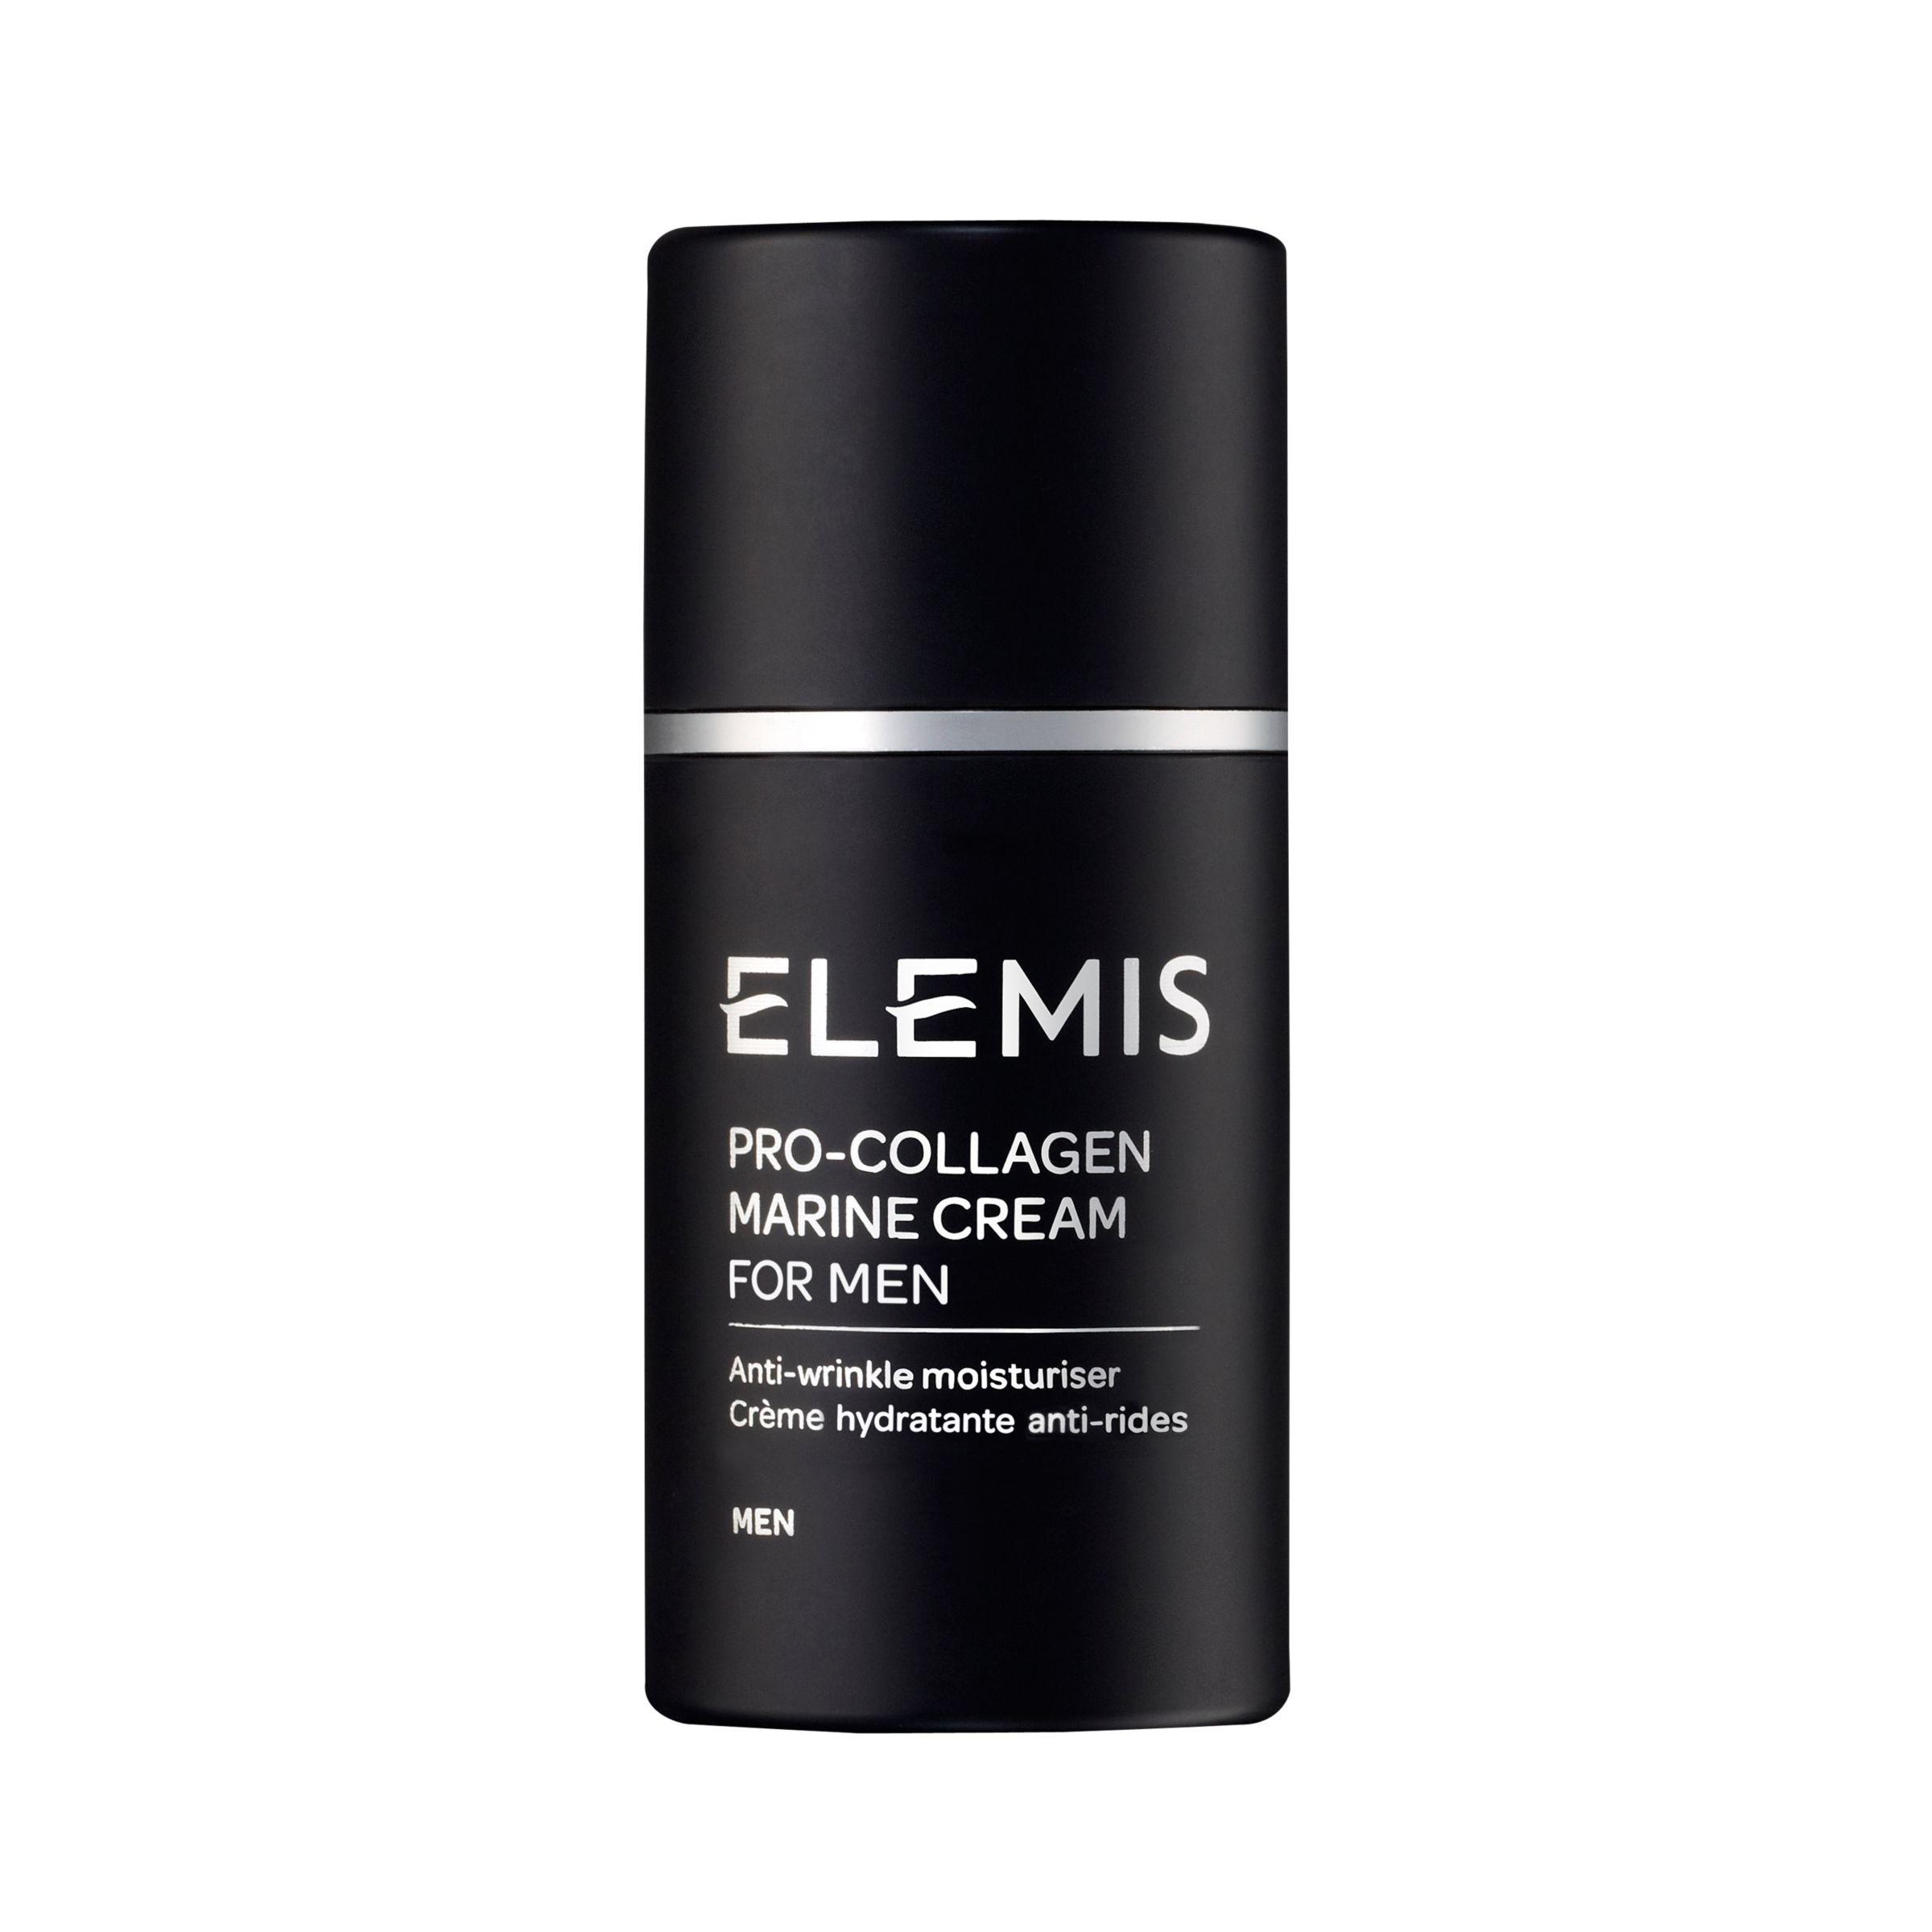 Elemis Elemis Pro-Collagen Marine Cream, 30ml